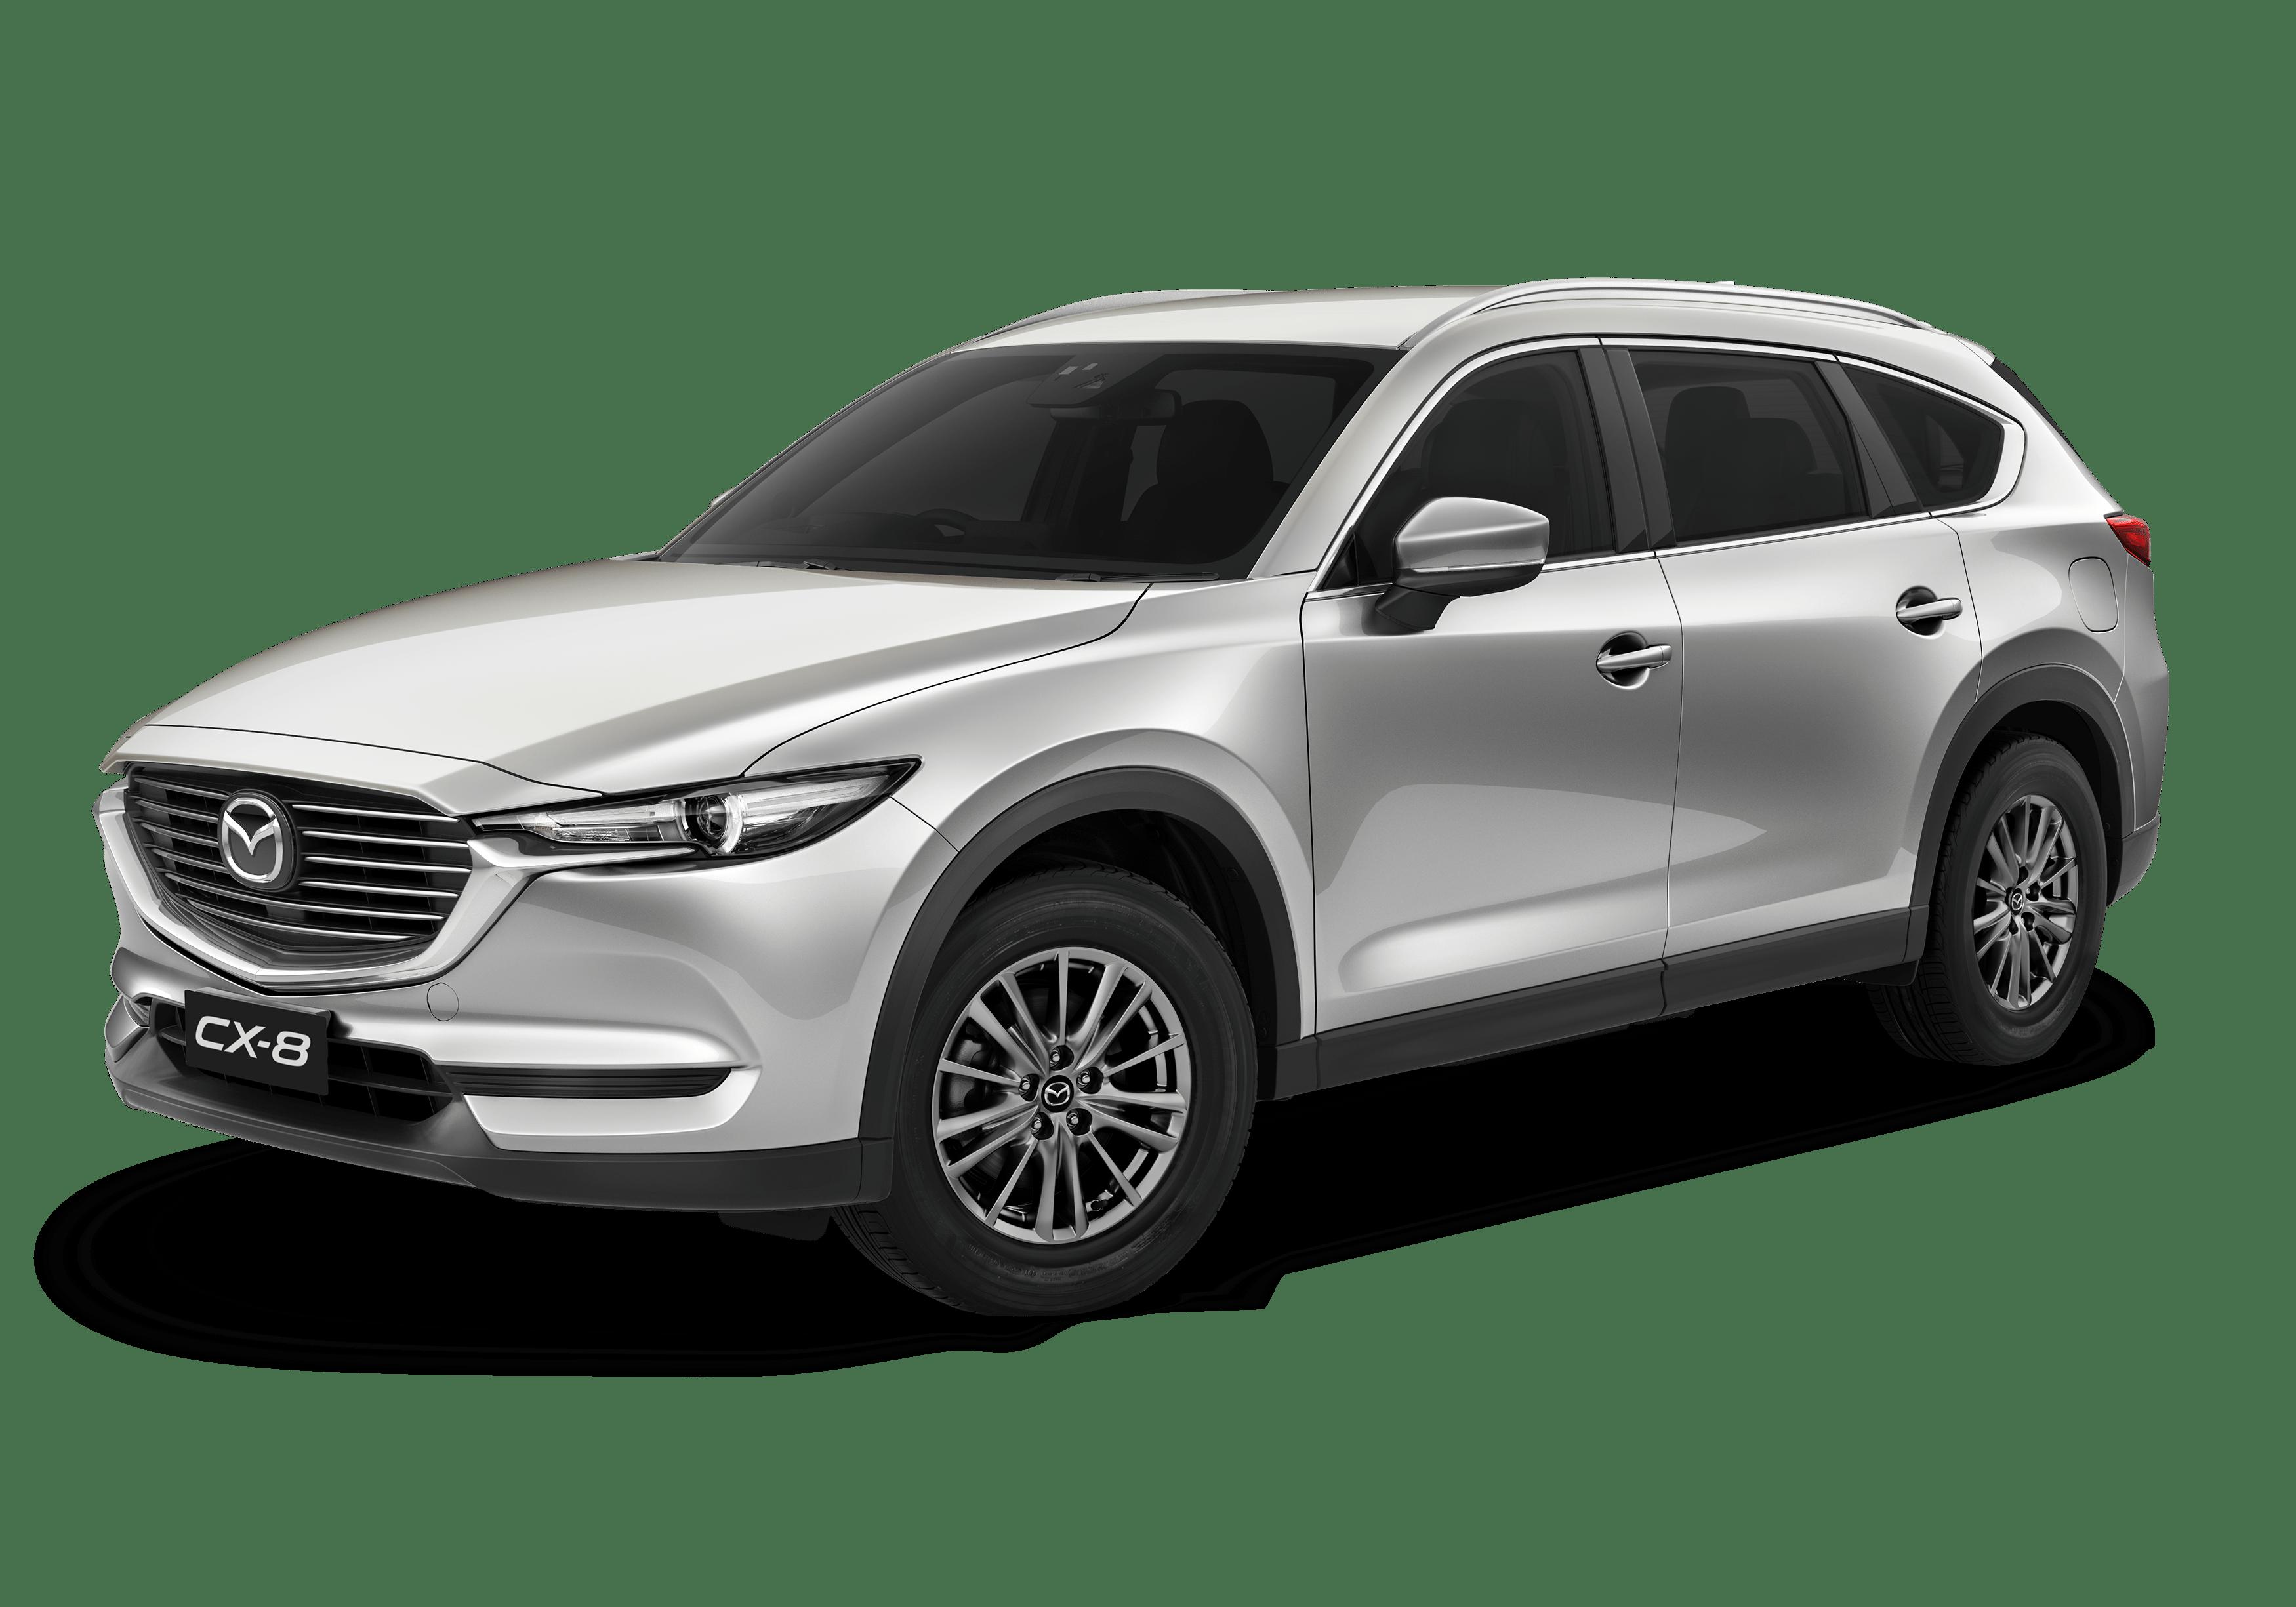 2019 Mazda CX-8 Sport Auto Demo.